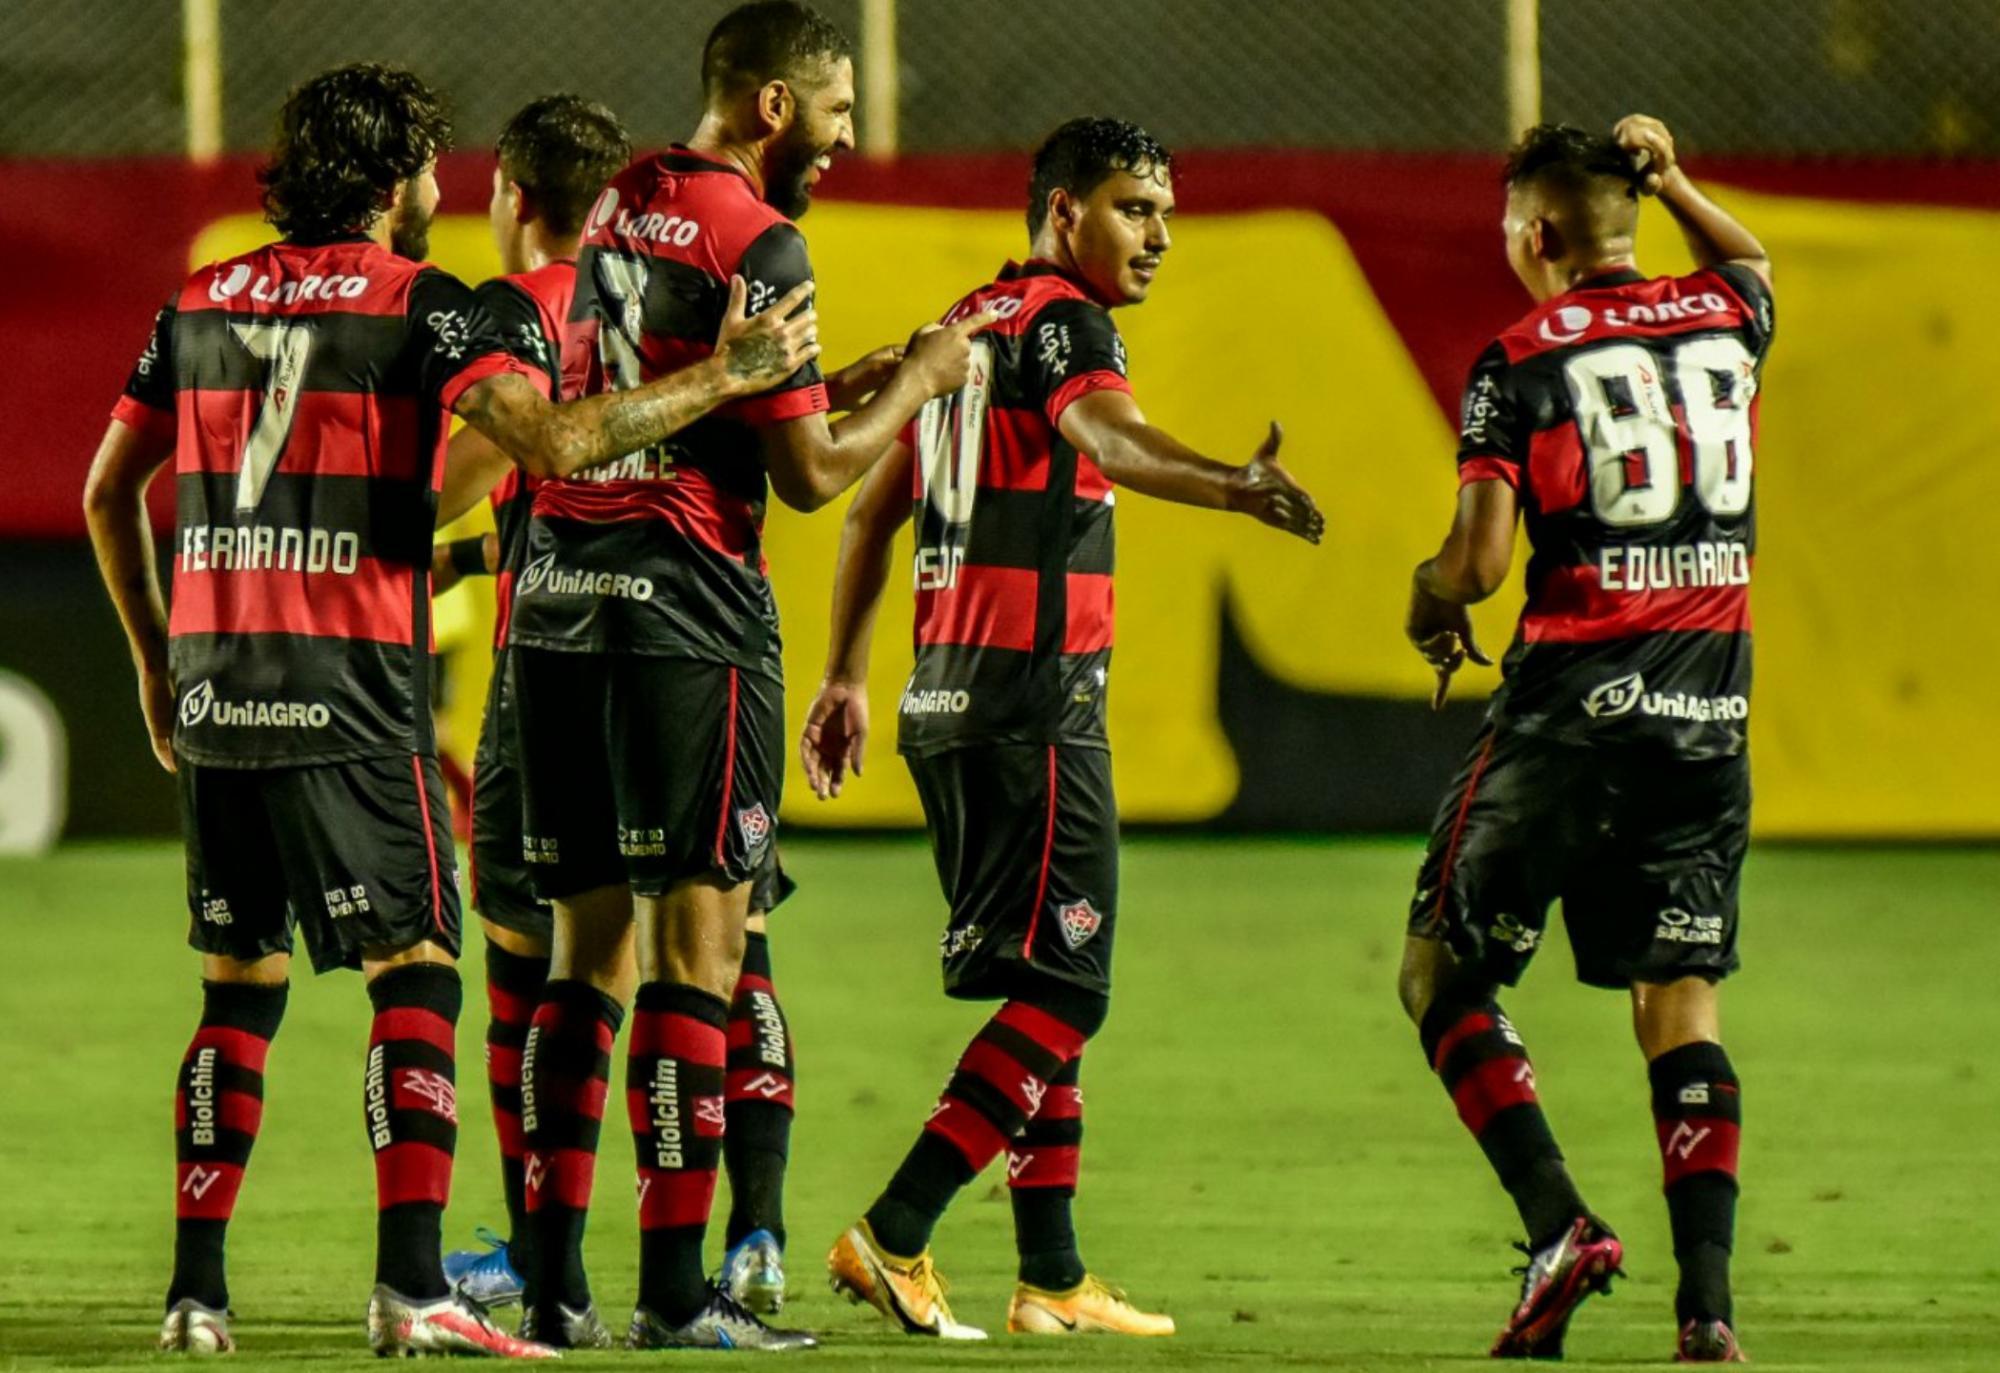 Vitória vence e segue no Campeonato Brasileiro da Série em 2021